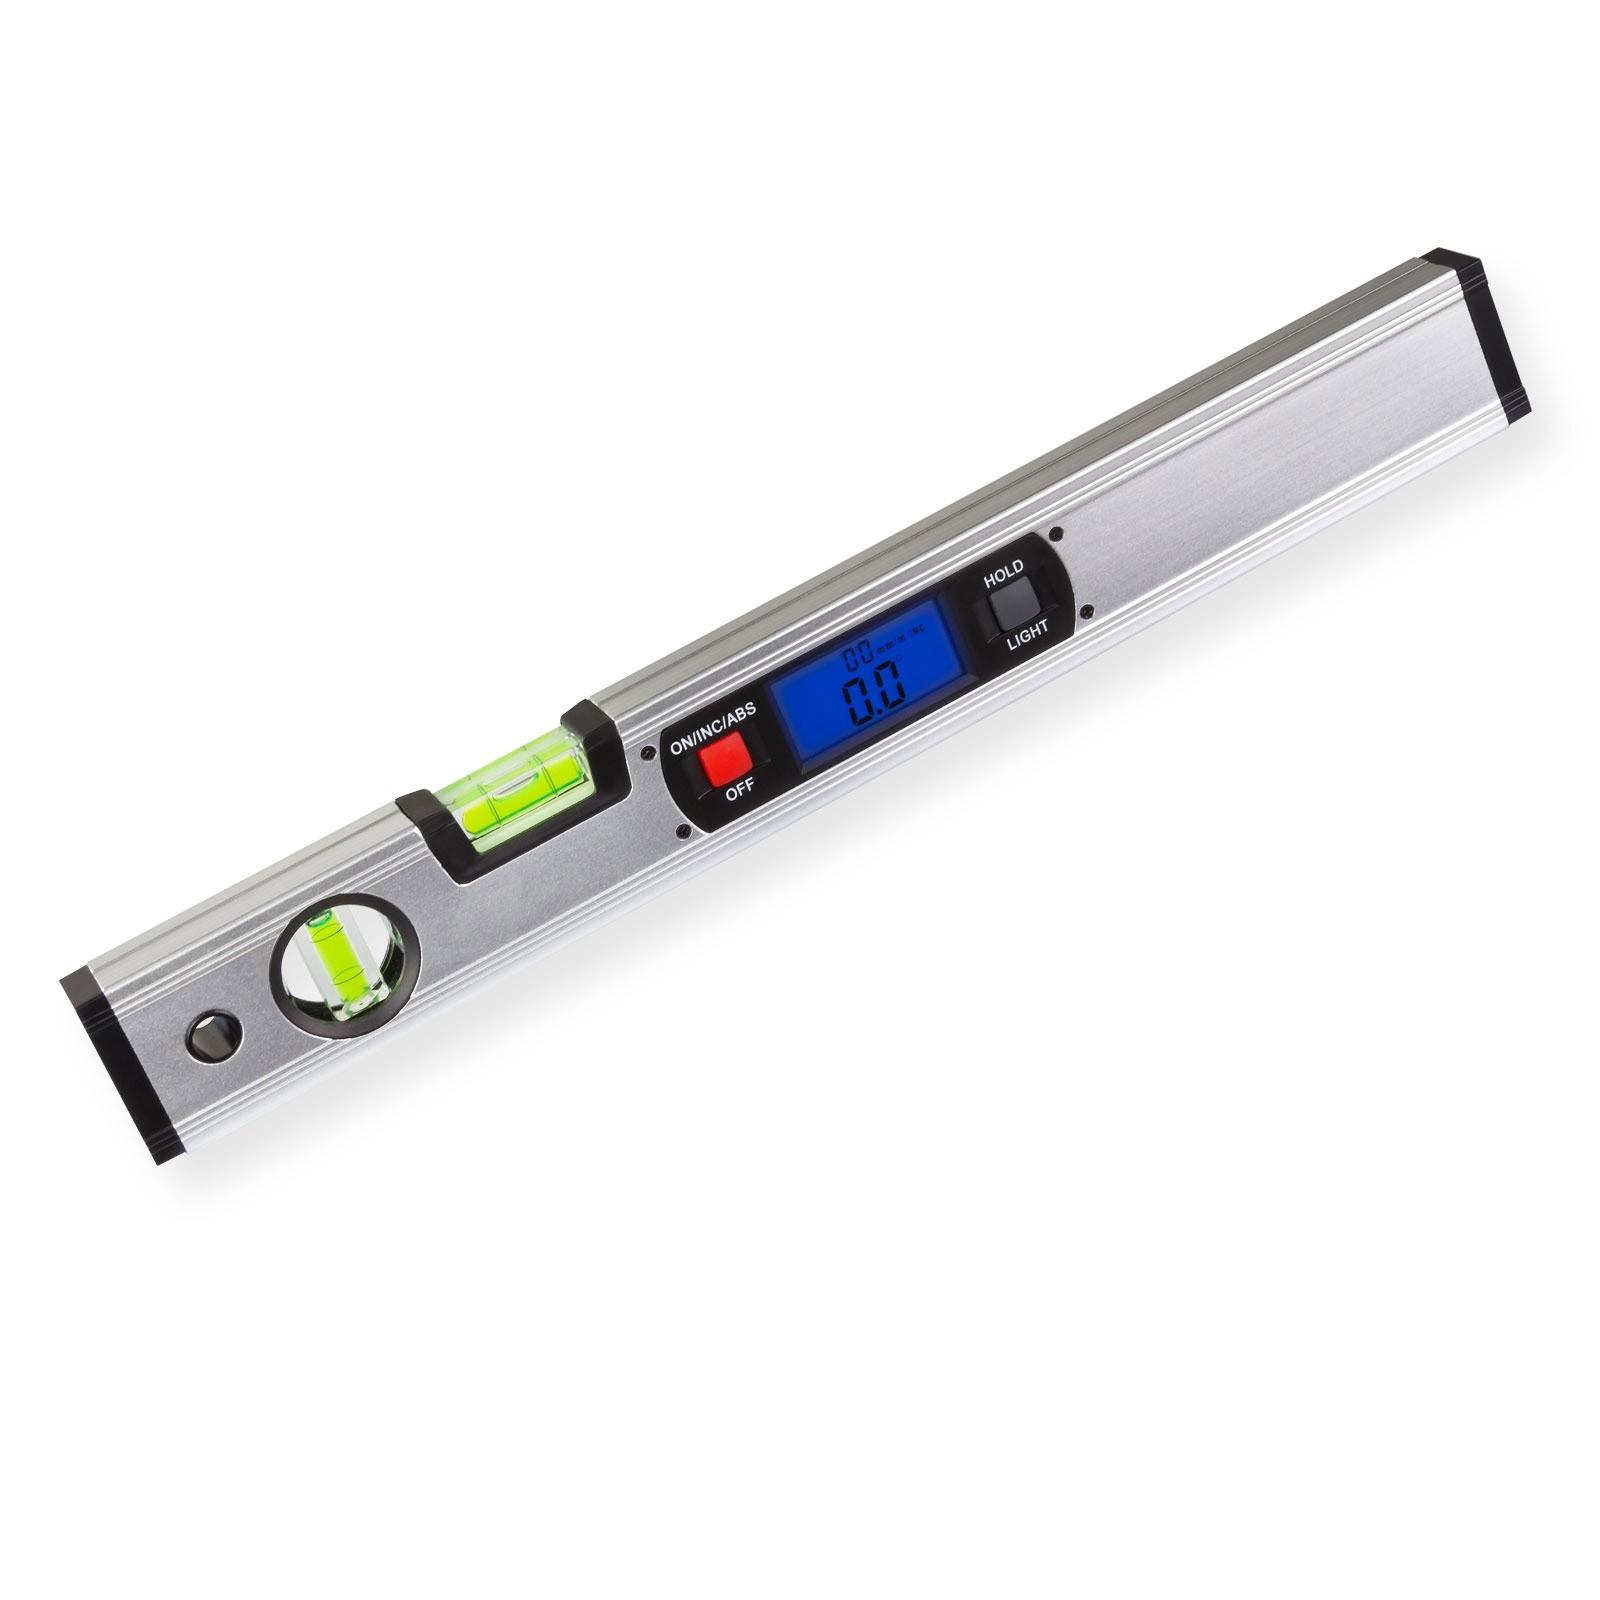 Dema Alu Wasserwaage Messgerät elektronisch digital 40cm + Magnethalter 20637